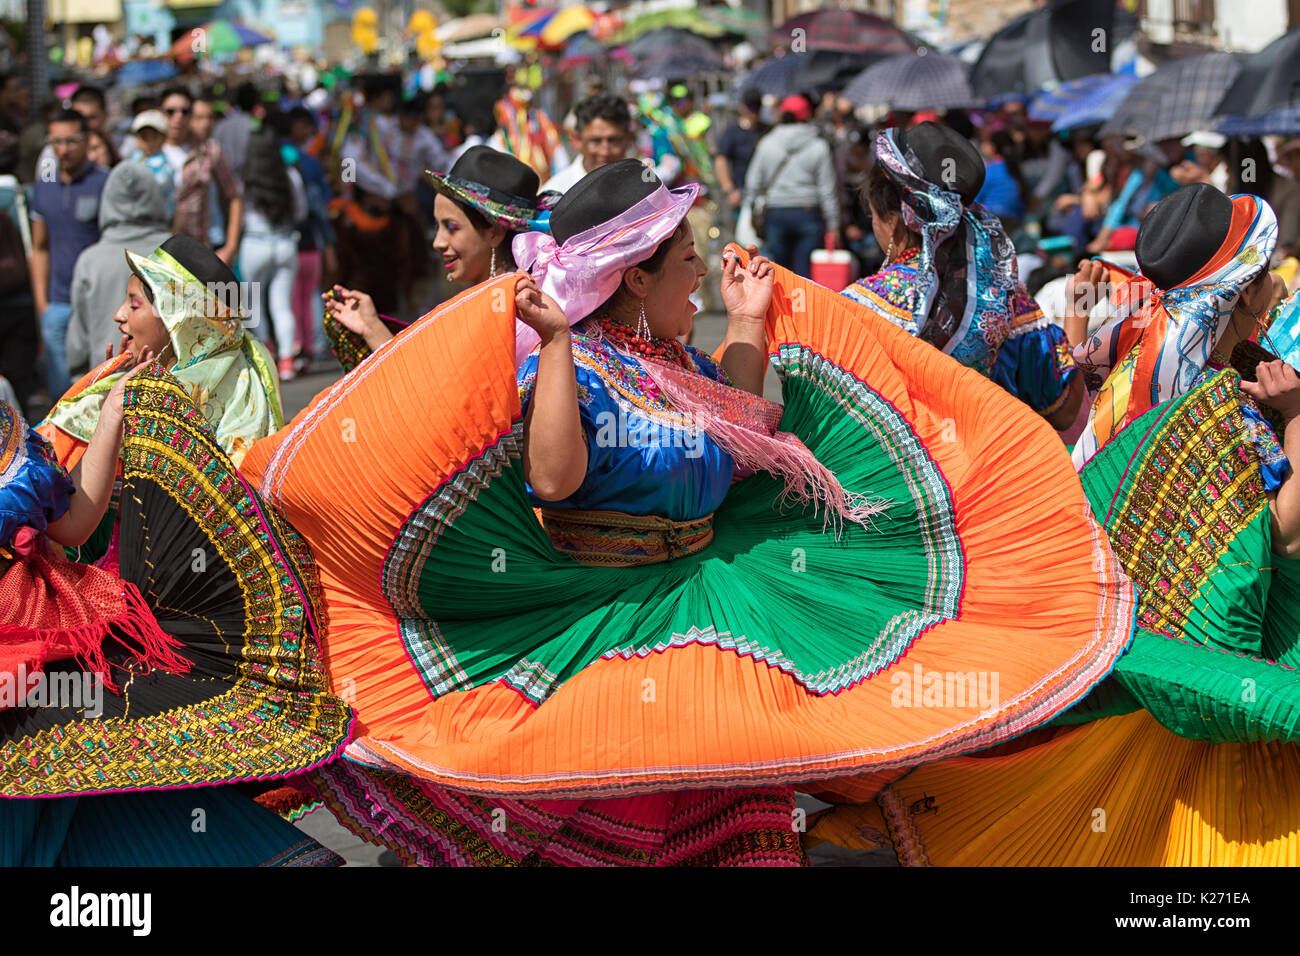 Juni 17, 2017 Pujili, Ecuador: Tänzerin Gruppe in traditioneller Kleidung in Bewegung an der Corpus Christi jährliche Parade Stockbild